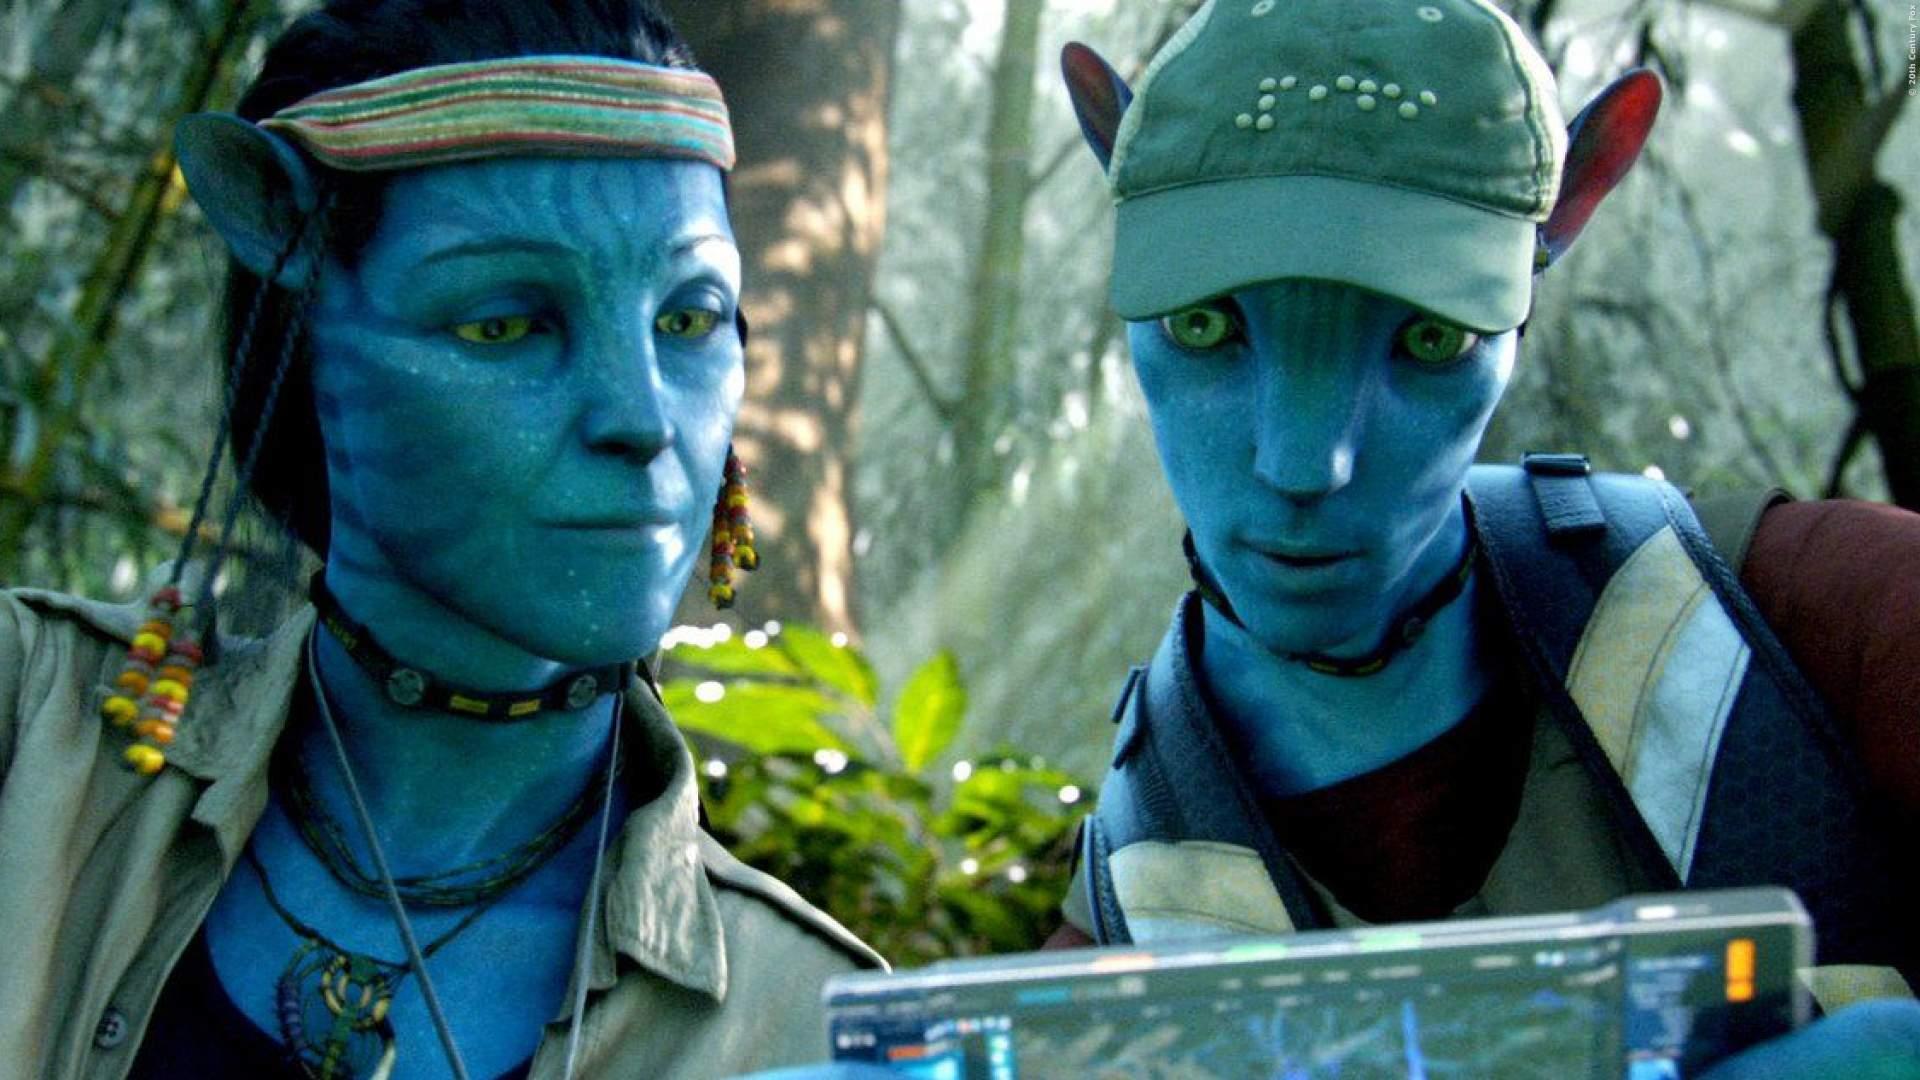 KINO-START: 'Avatar 5' bringt die Reihe zu Ende - endlich wissen wir mehr über das Finale